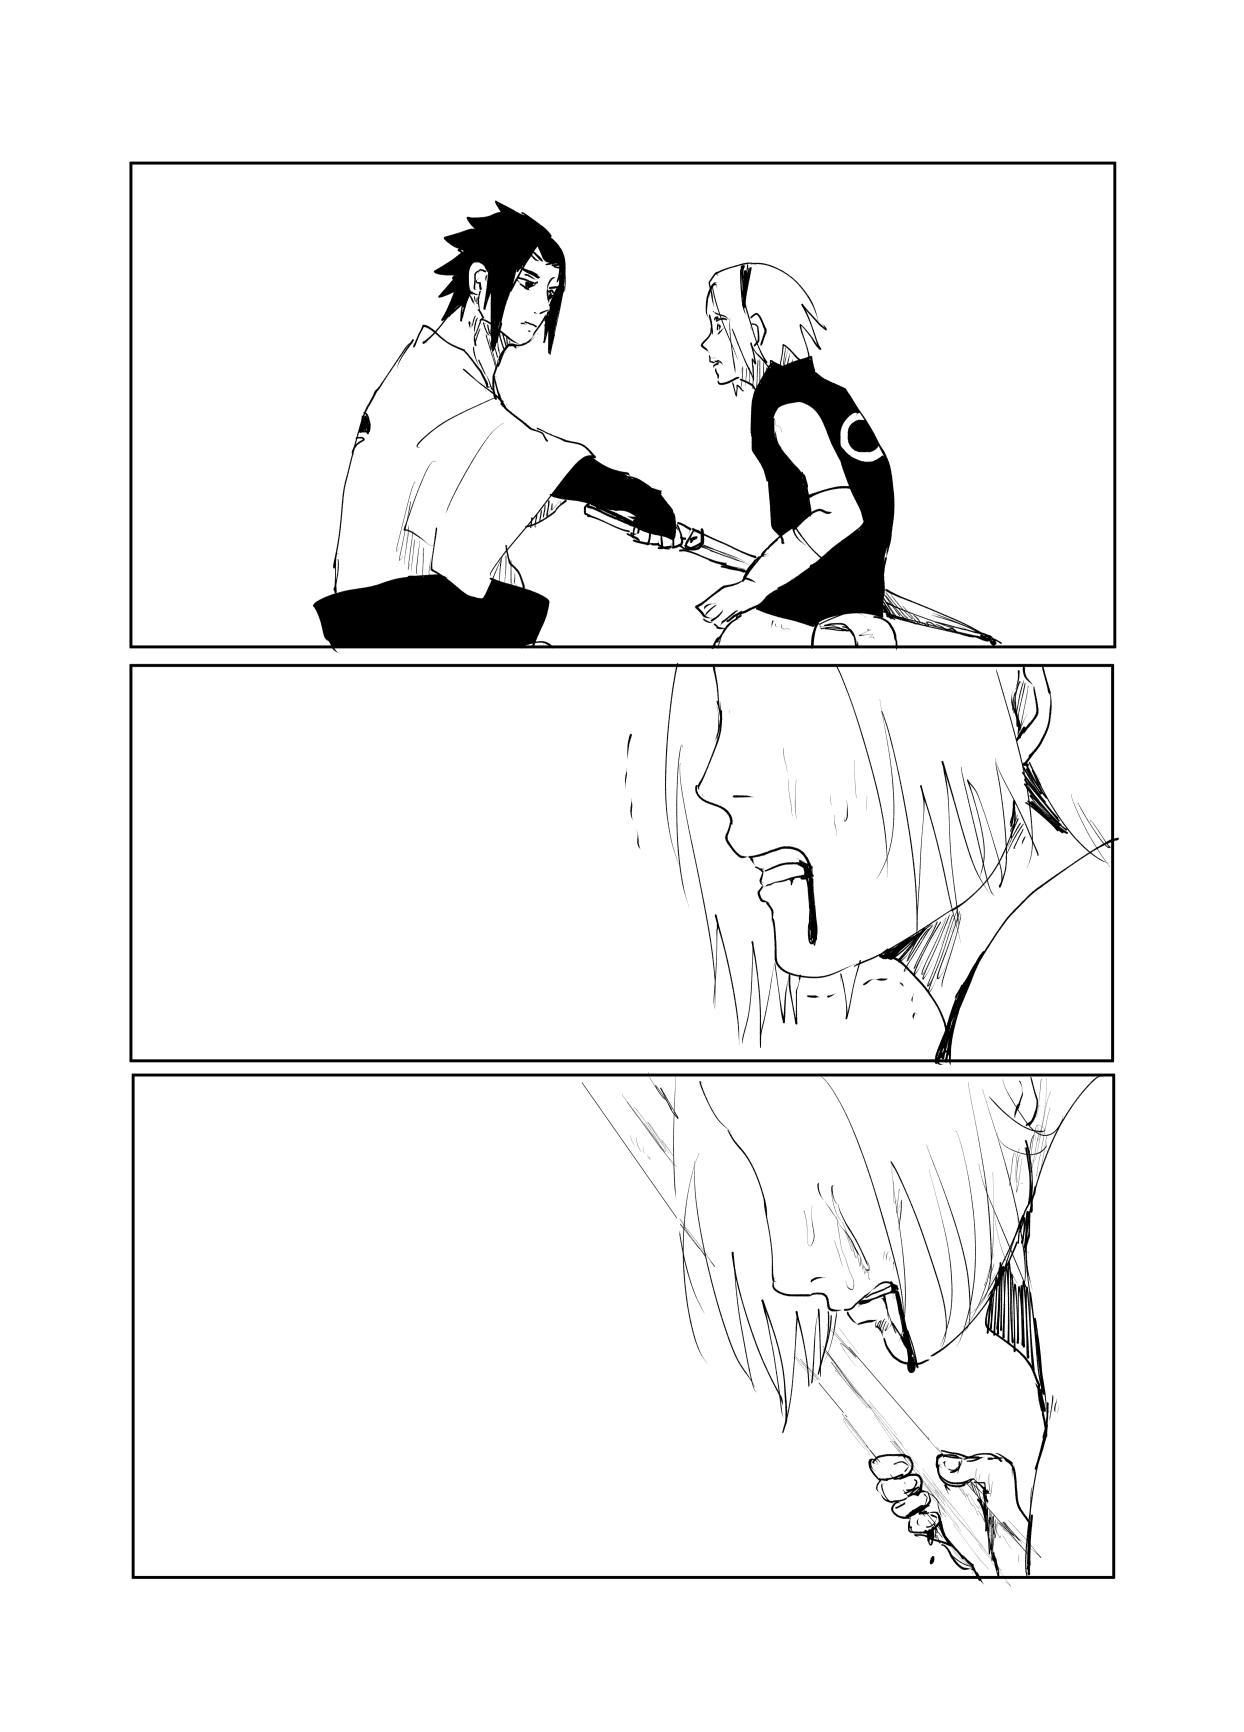 嘘告白漫画 31